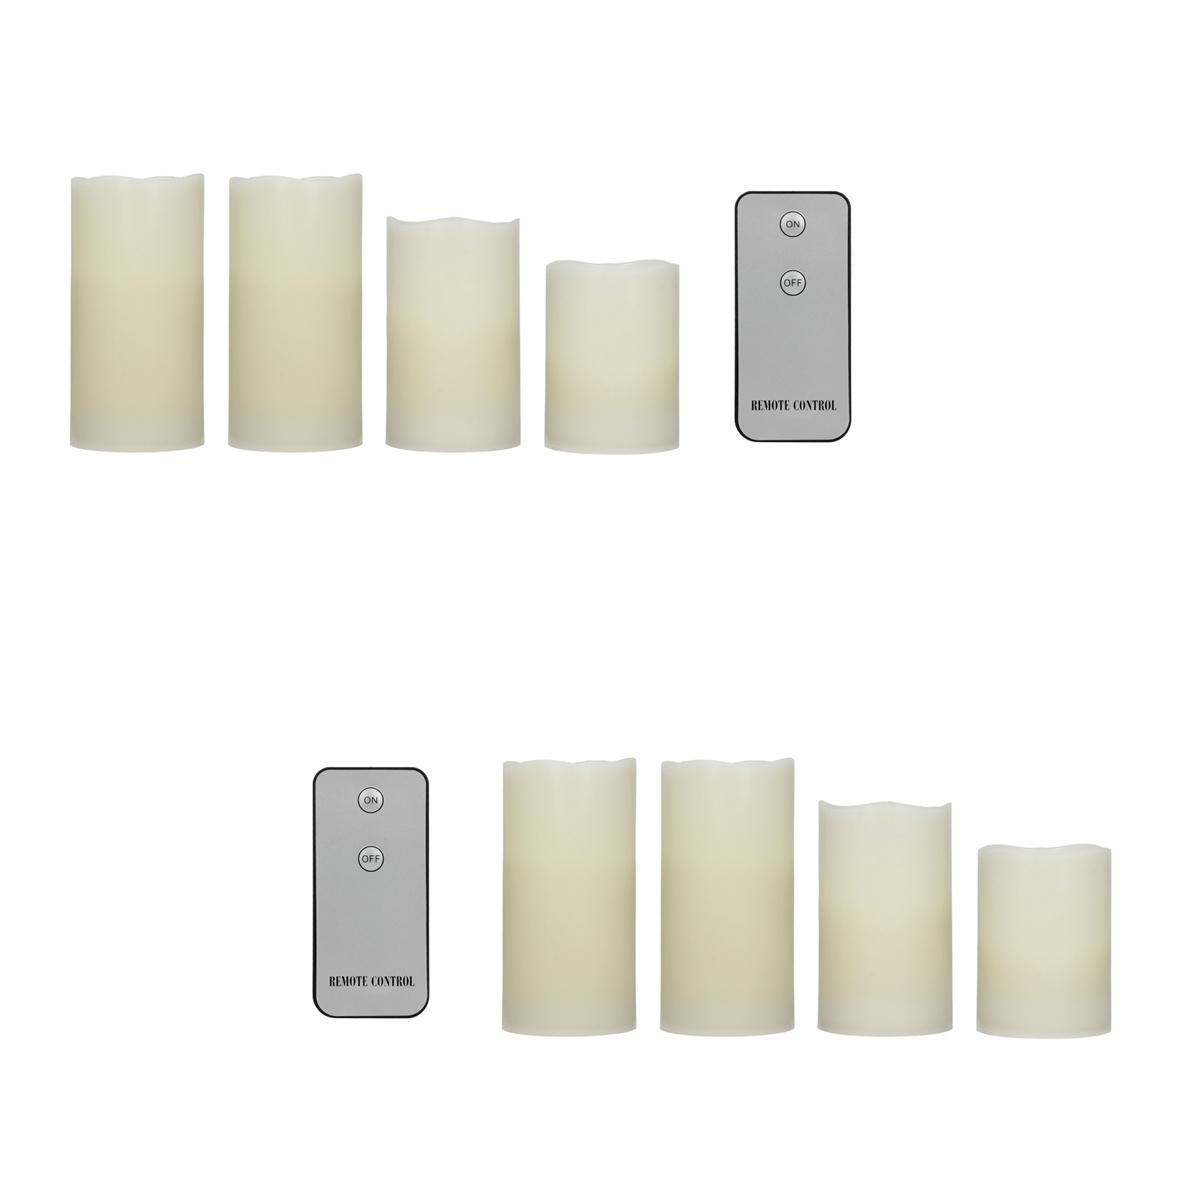 led kerzen mit fernbedienung wachskerze flammenlose kerze flackerlicht flamme ebay. Black Bedroom Furniture Sets. Home Design Ideas